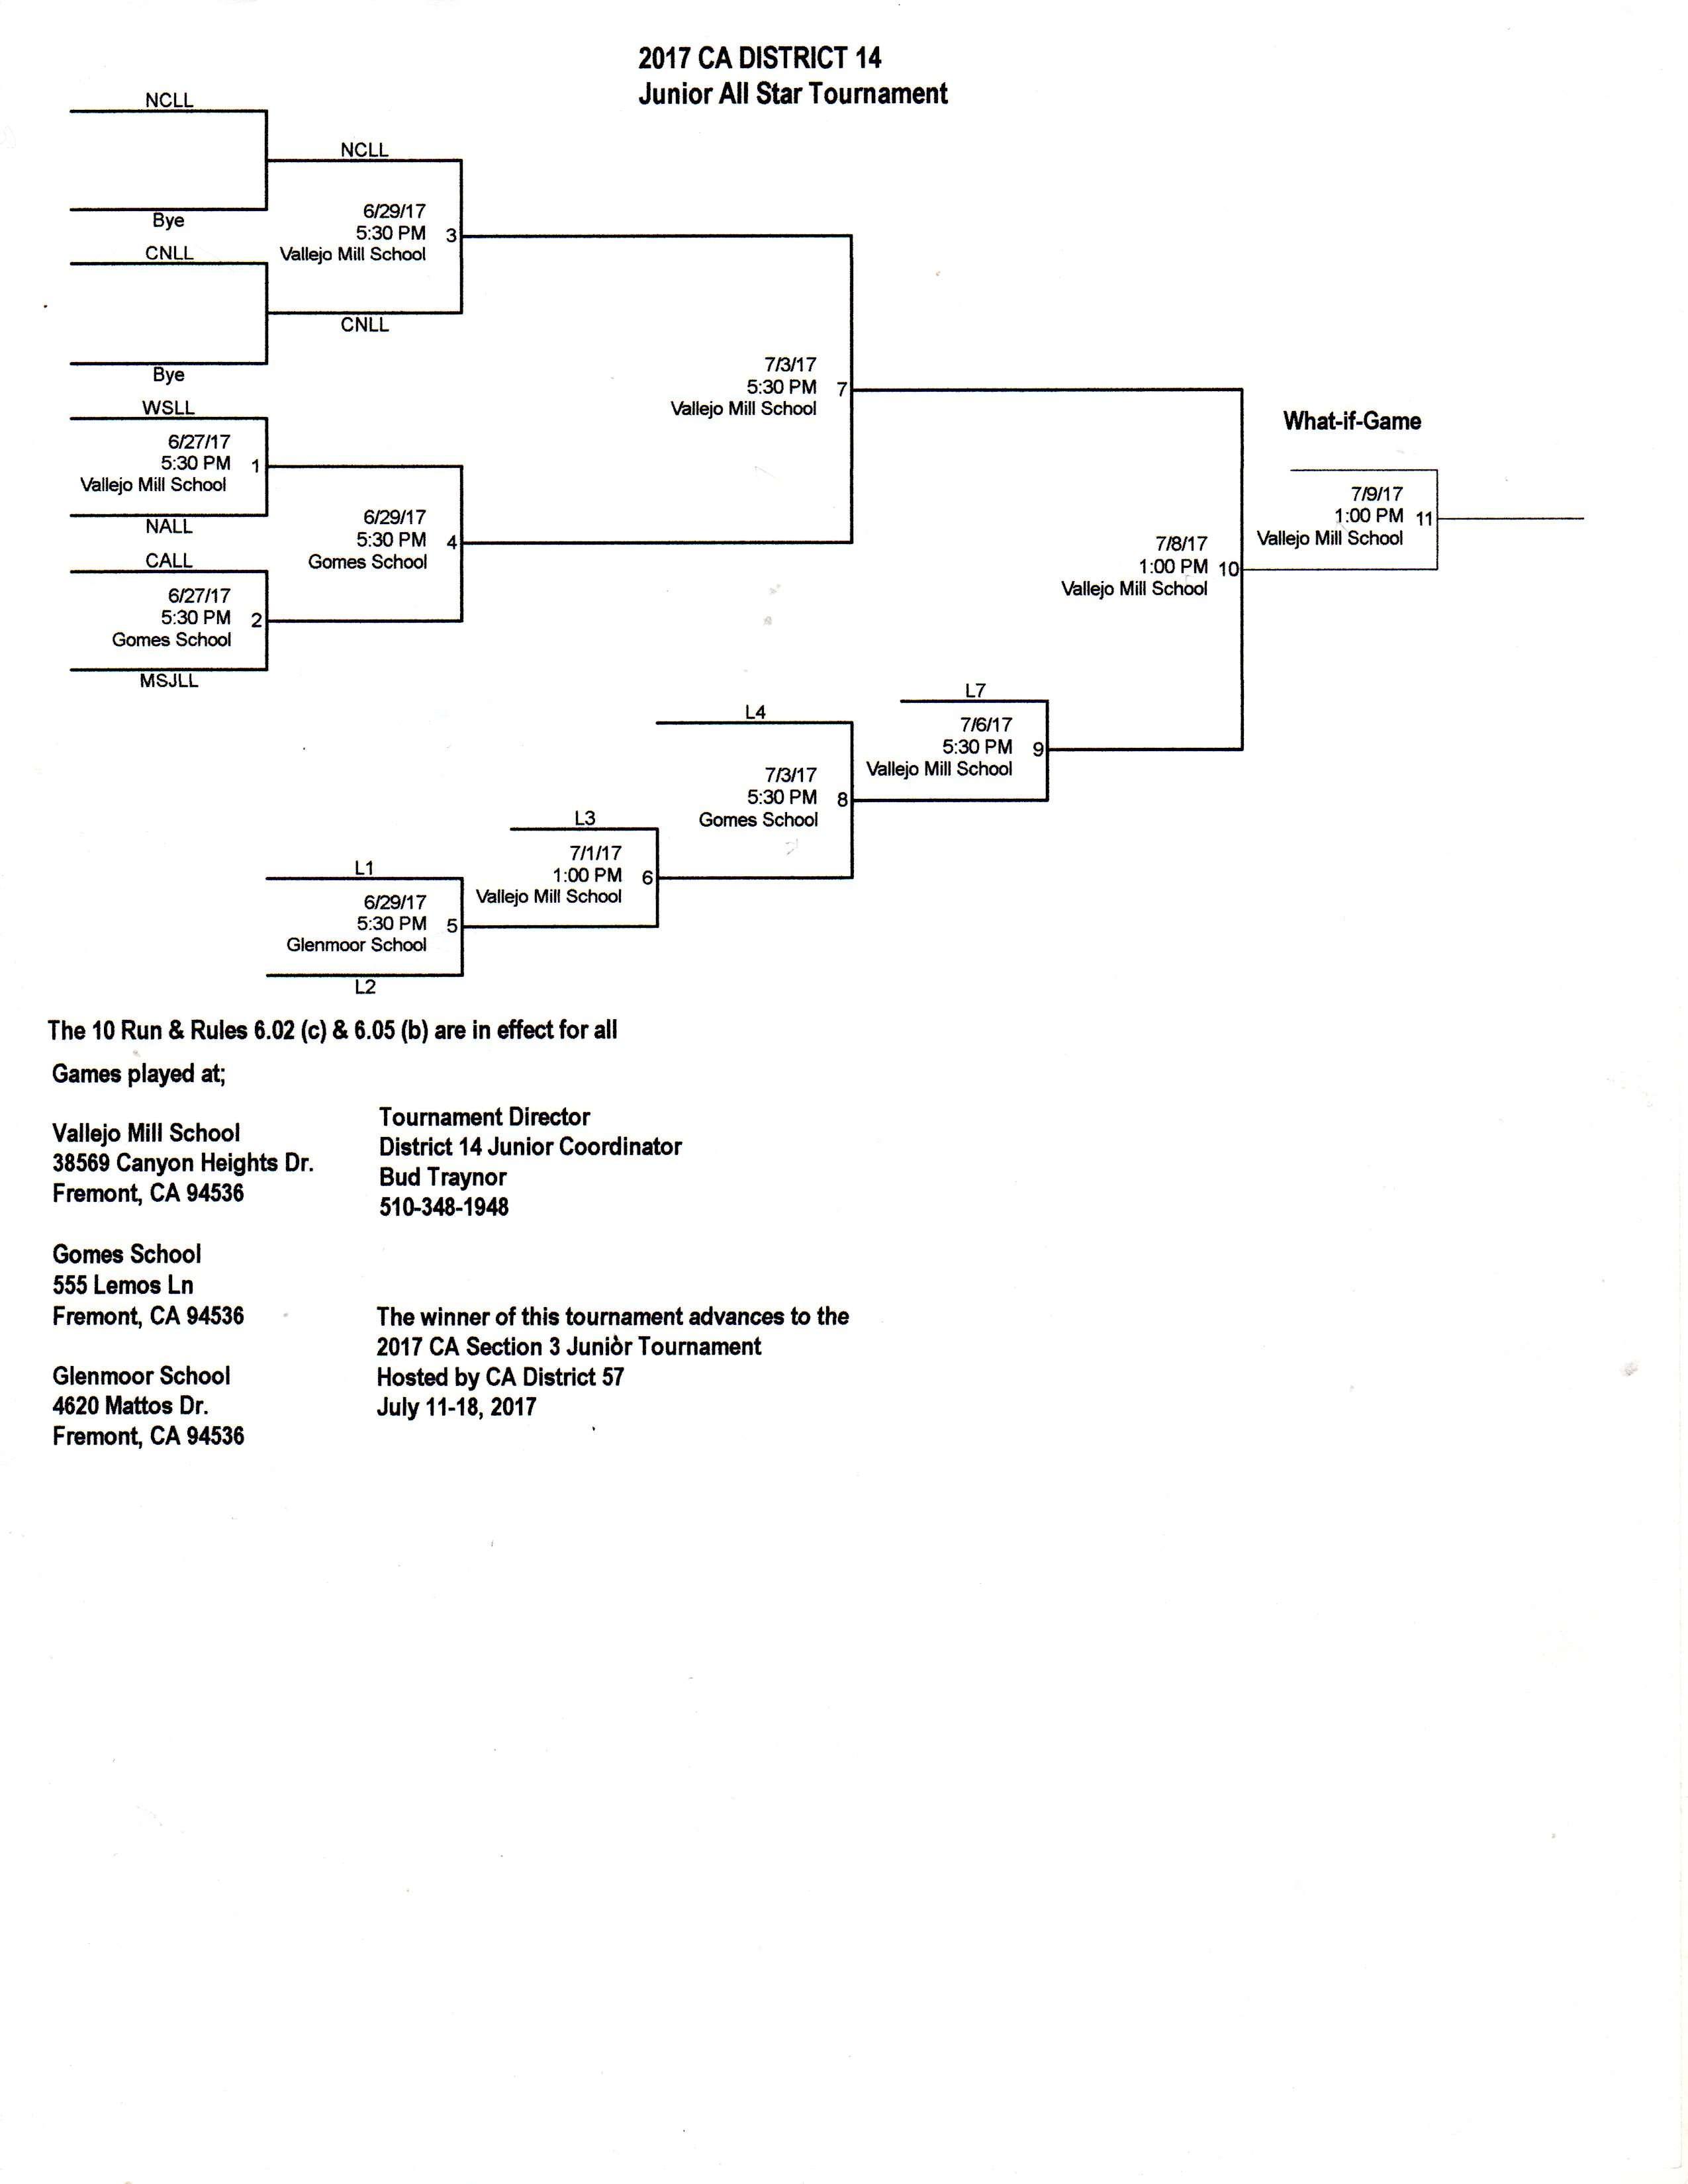 2017 CA District 14 Junior Tournament